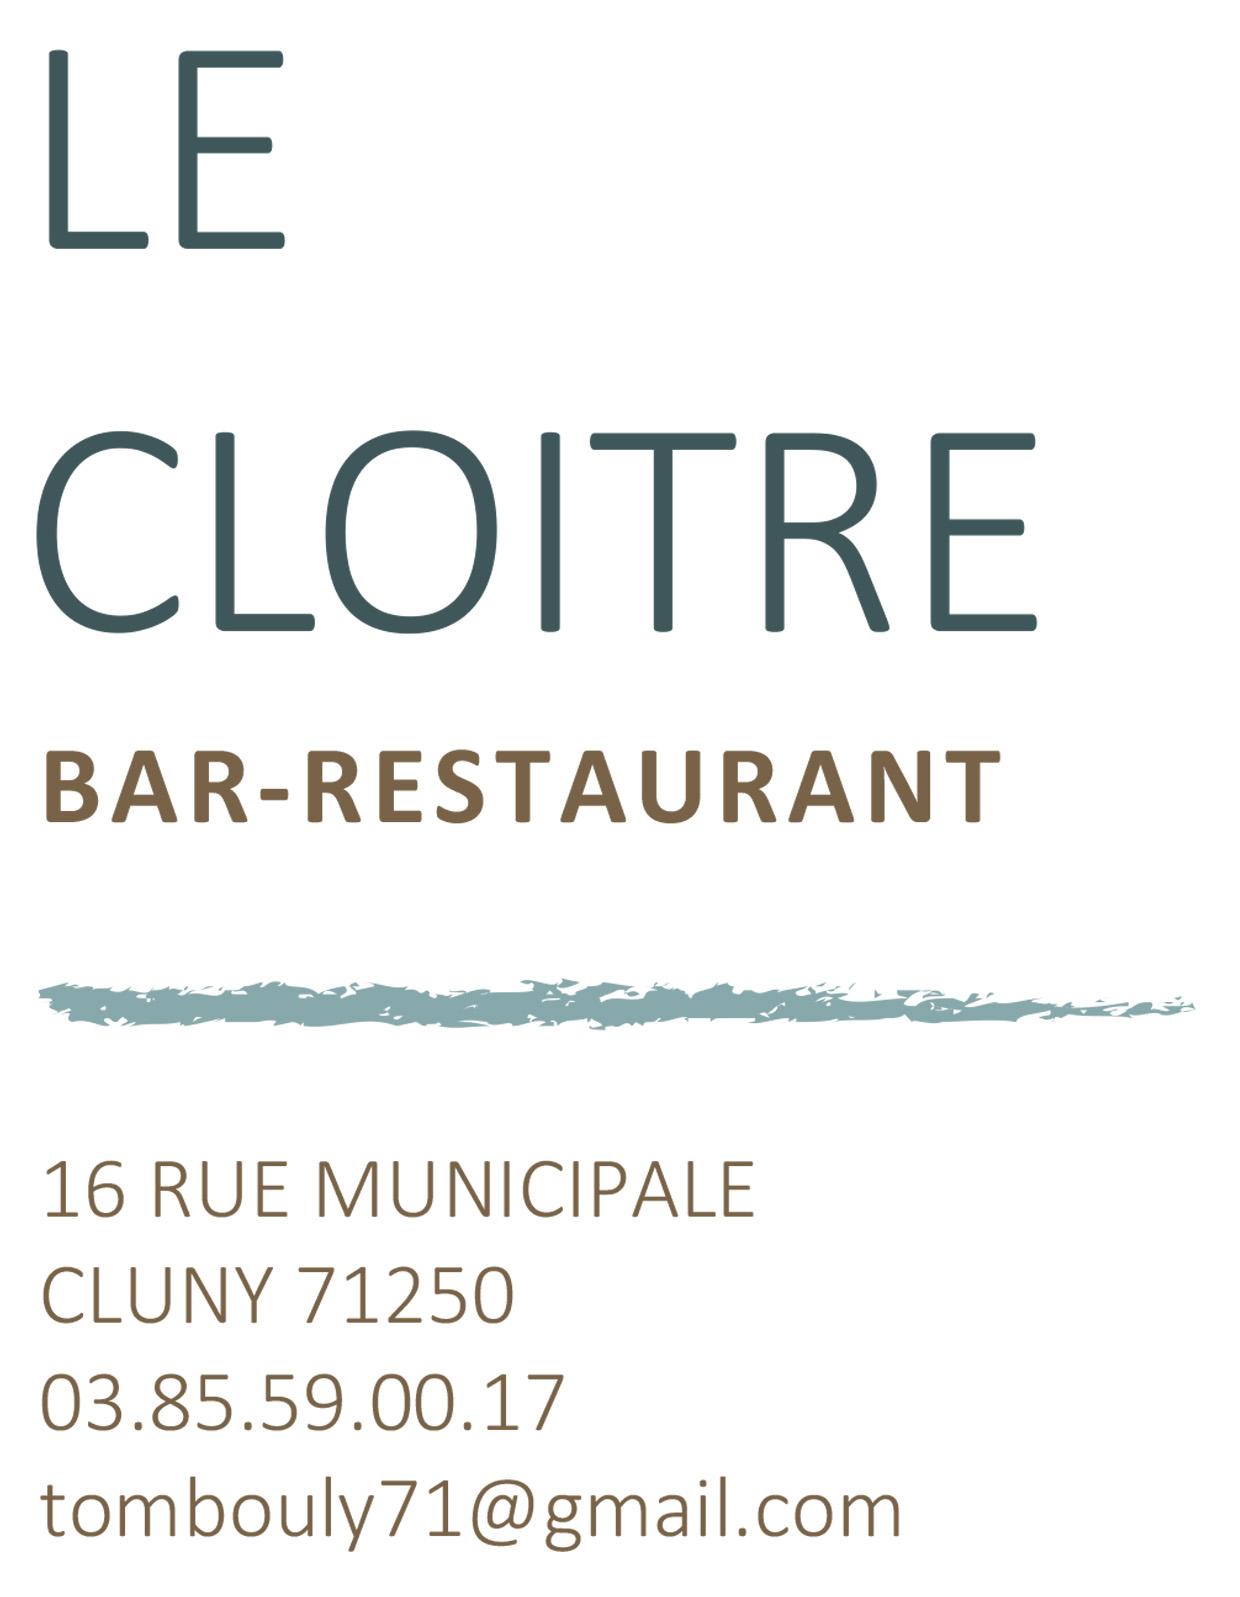 le-cloitre-cluny-arret-sur-image-1